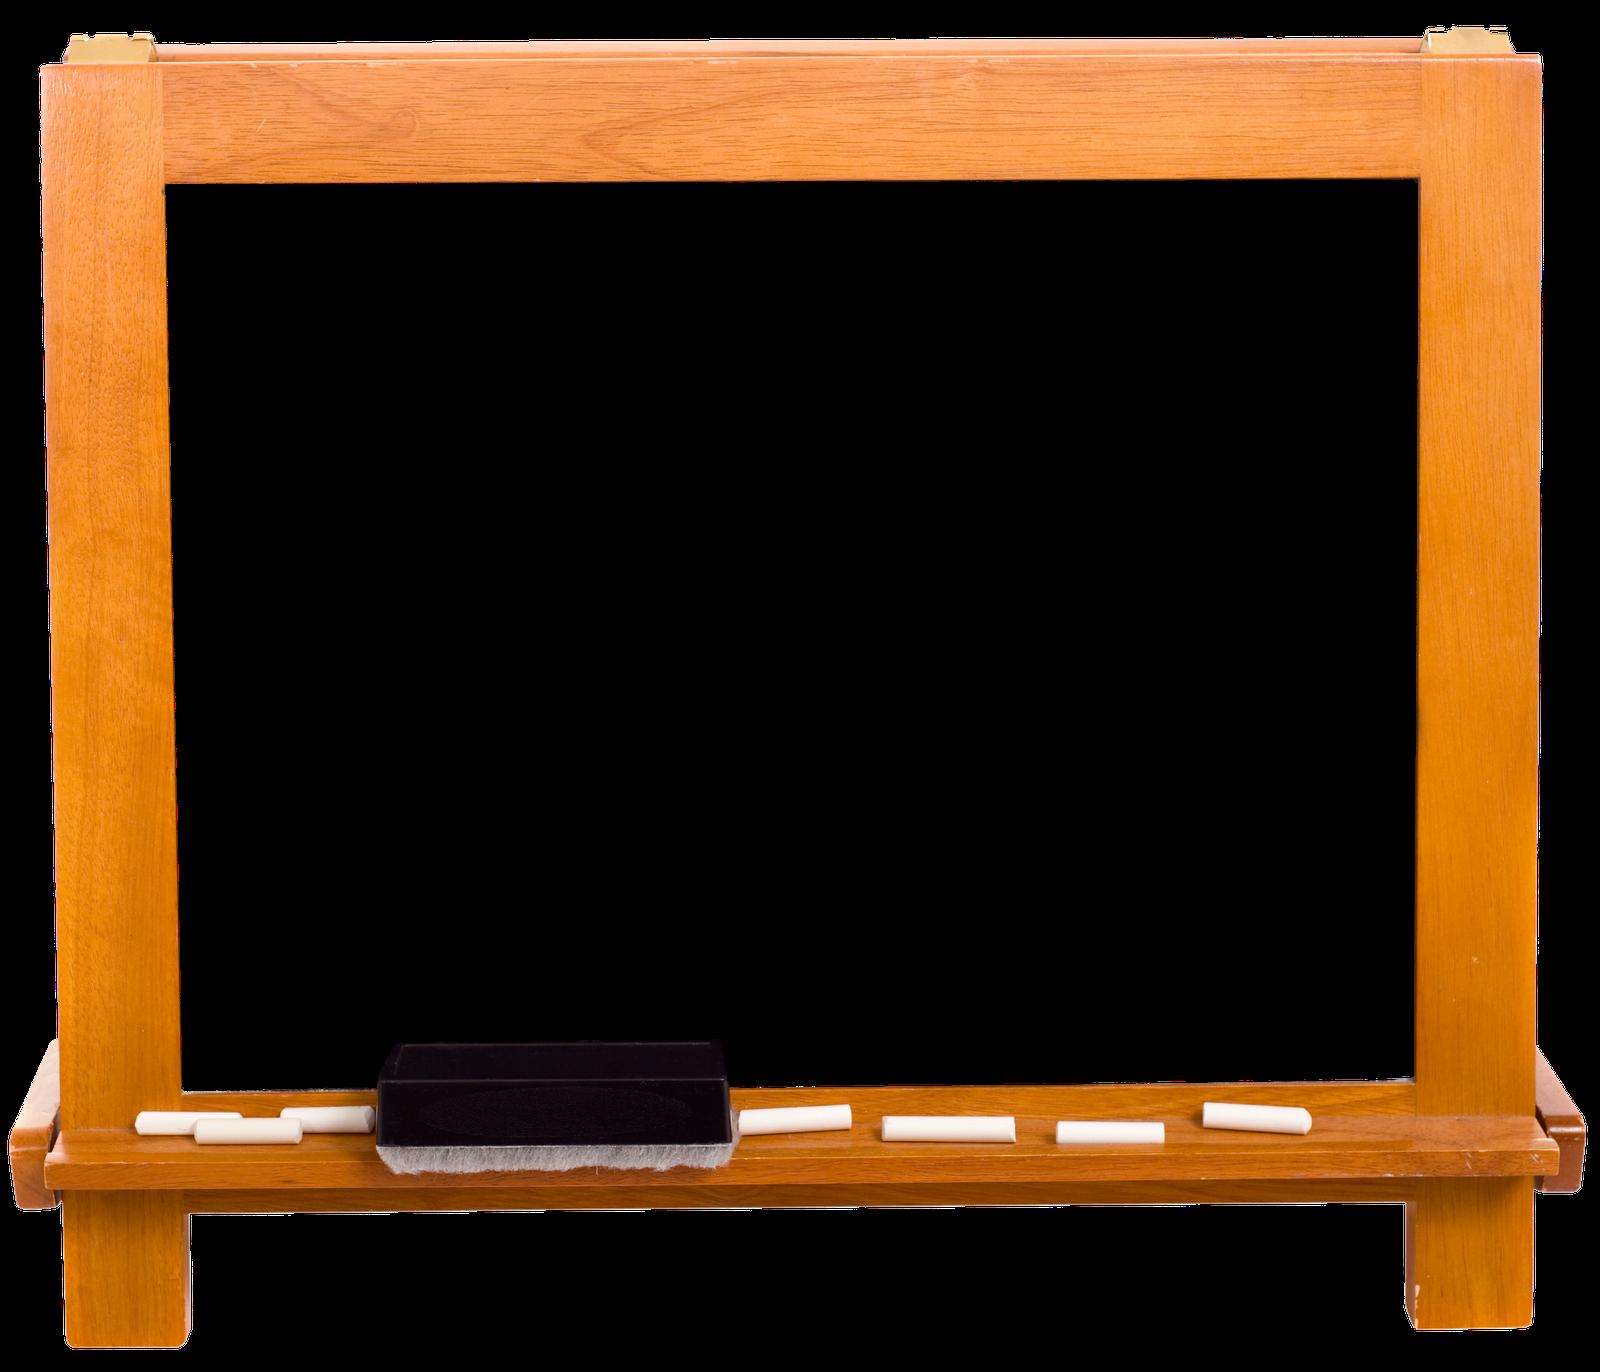 Marcos gratis para fotos marcos escolares y objetos png - Marcos transparentes ...